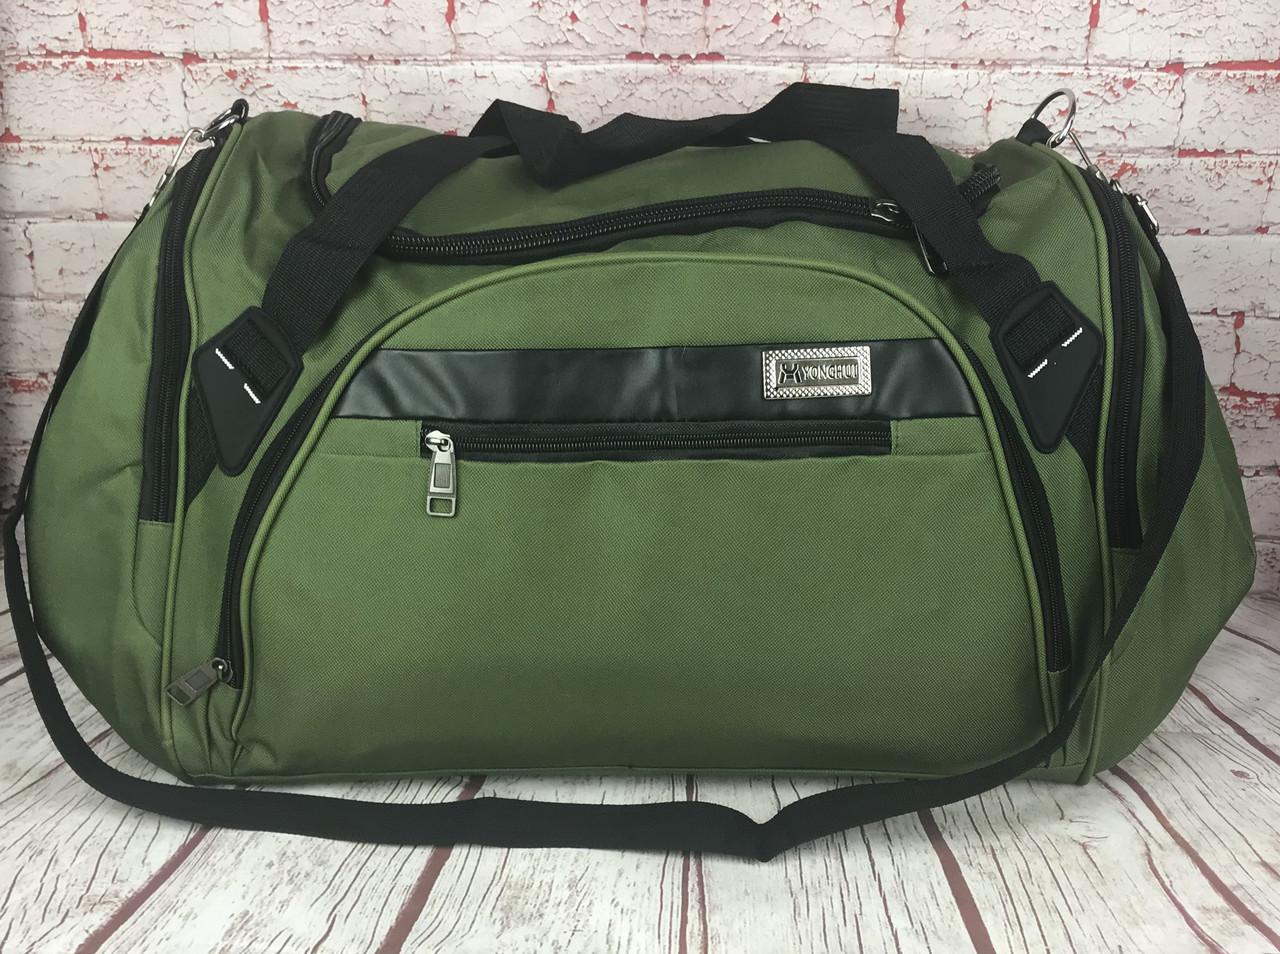 БОЛЬШАЯ дорожная сумка , для поездок, в дорогу  Размер 62 на 32см КСС51